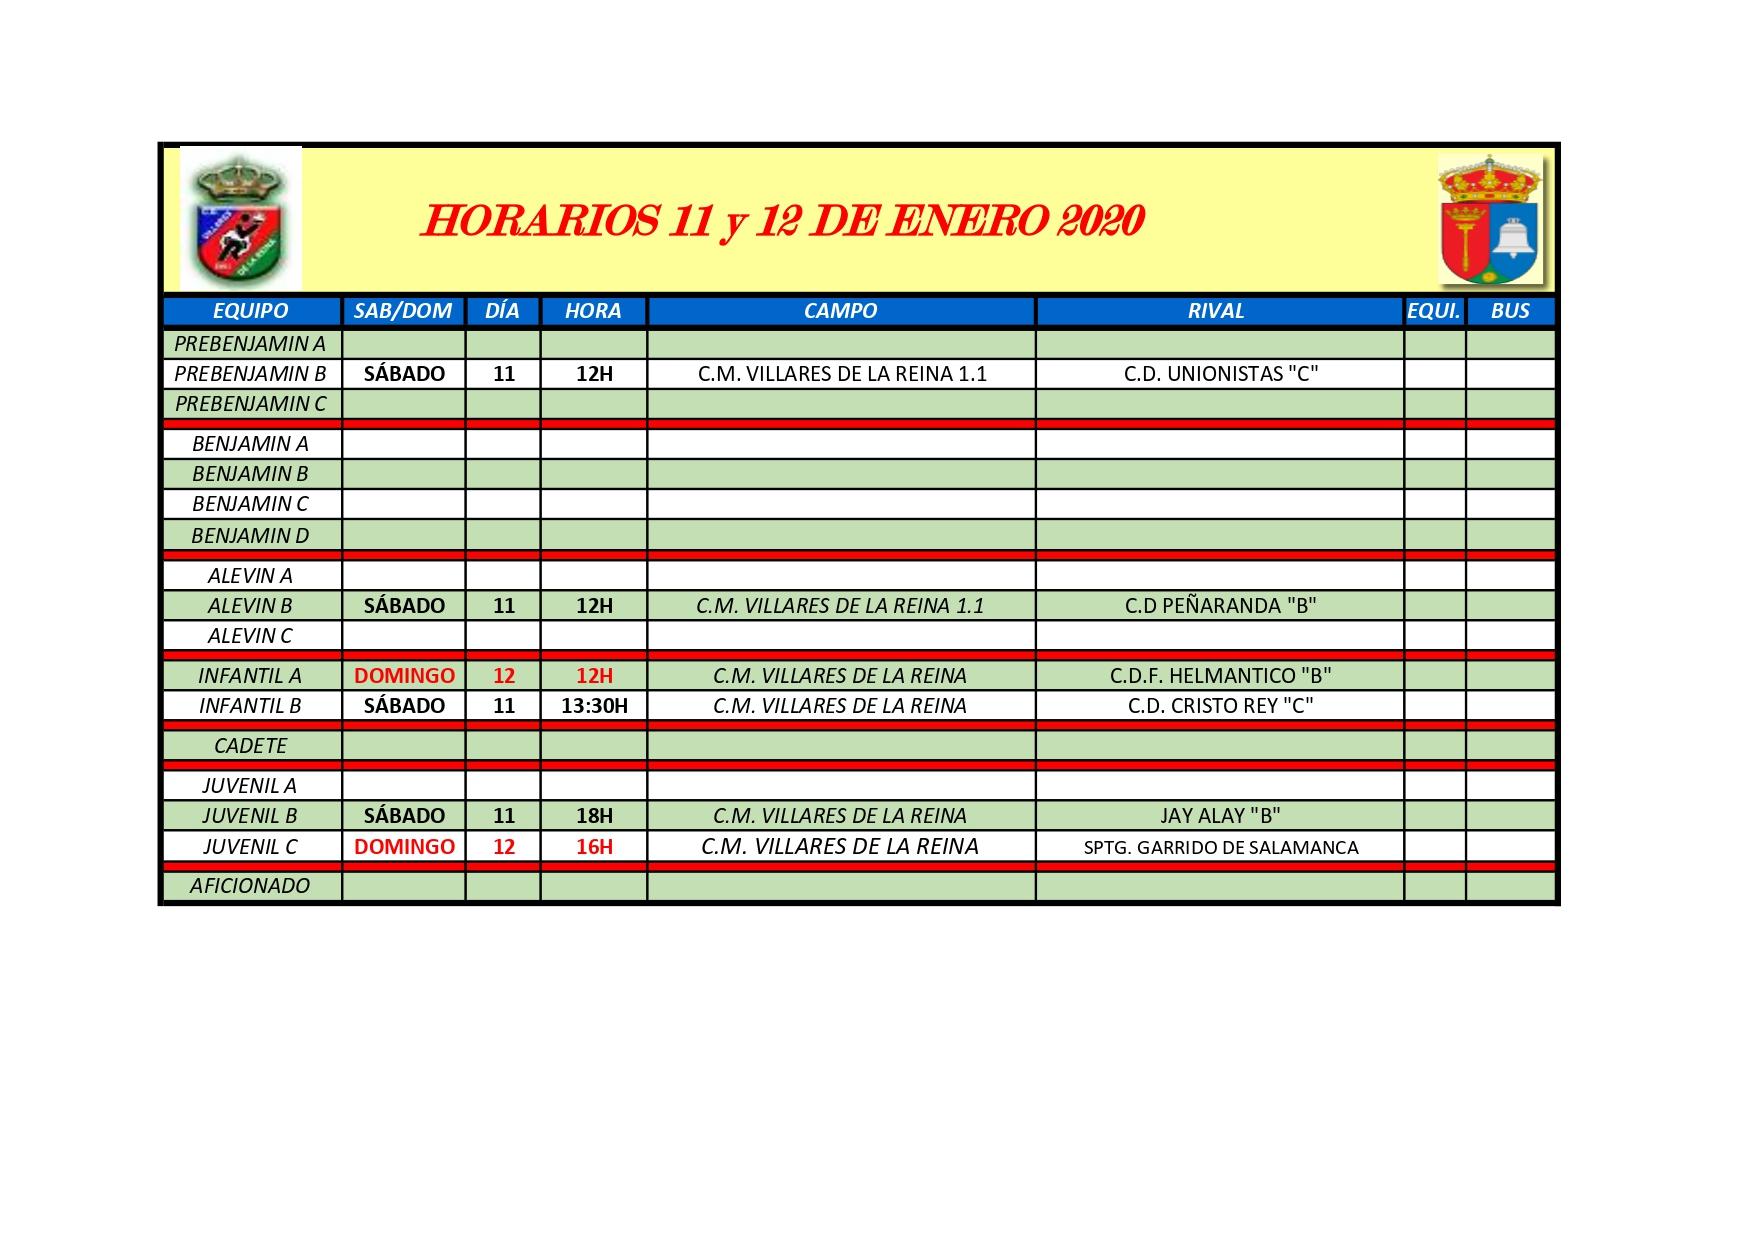 HORARIOS S�BADO 11 Y DOMINGO 12 DE ENERO DE 2020